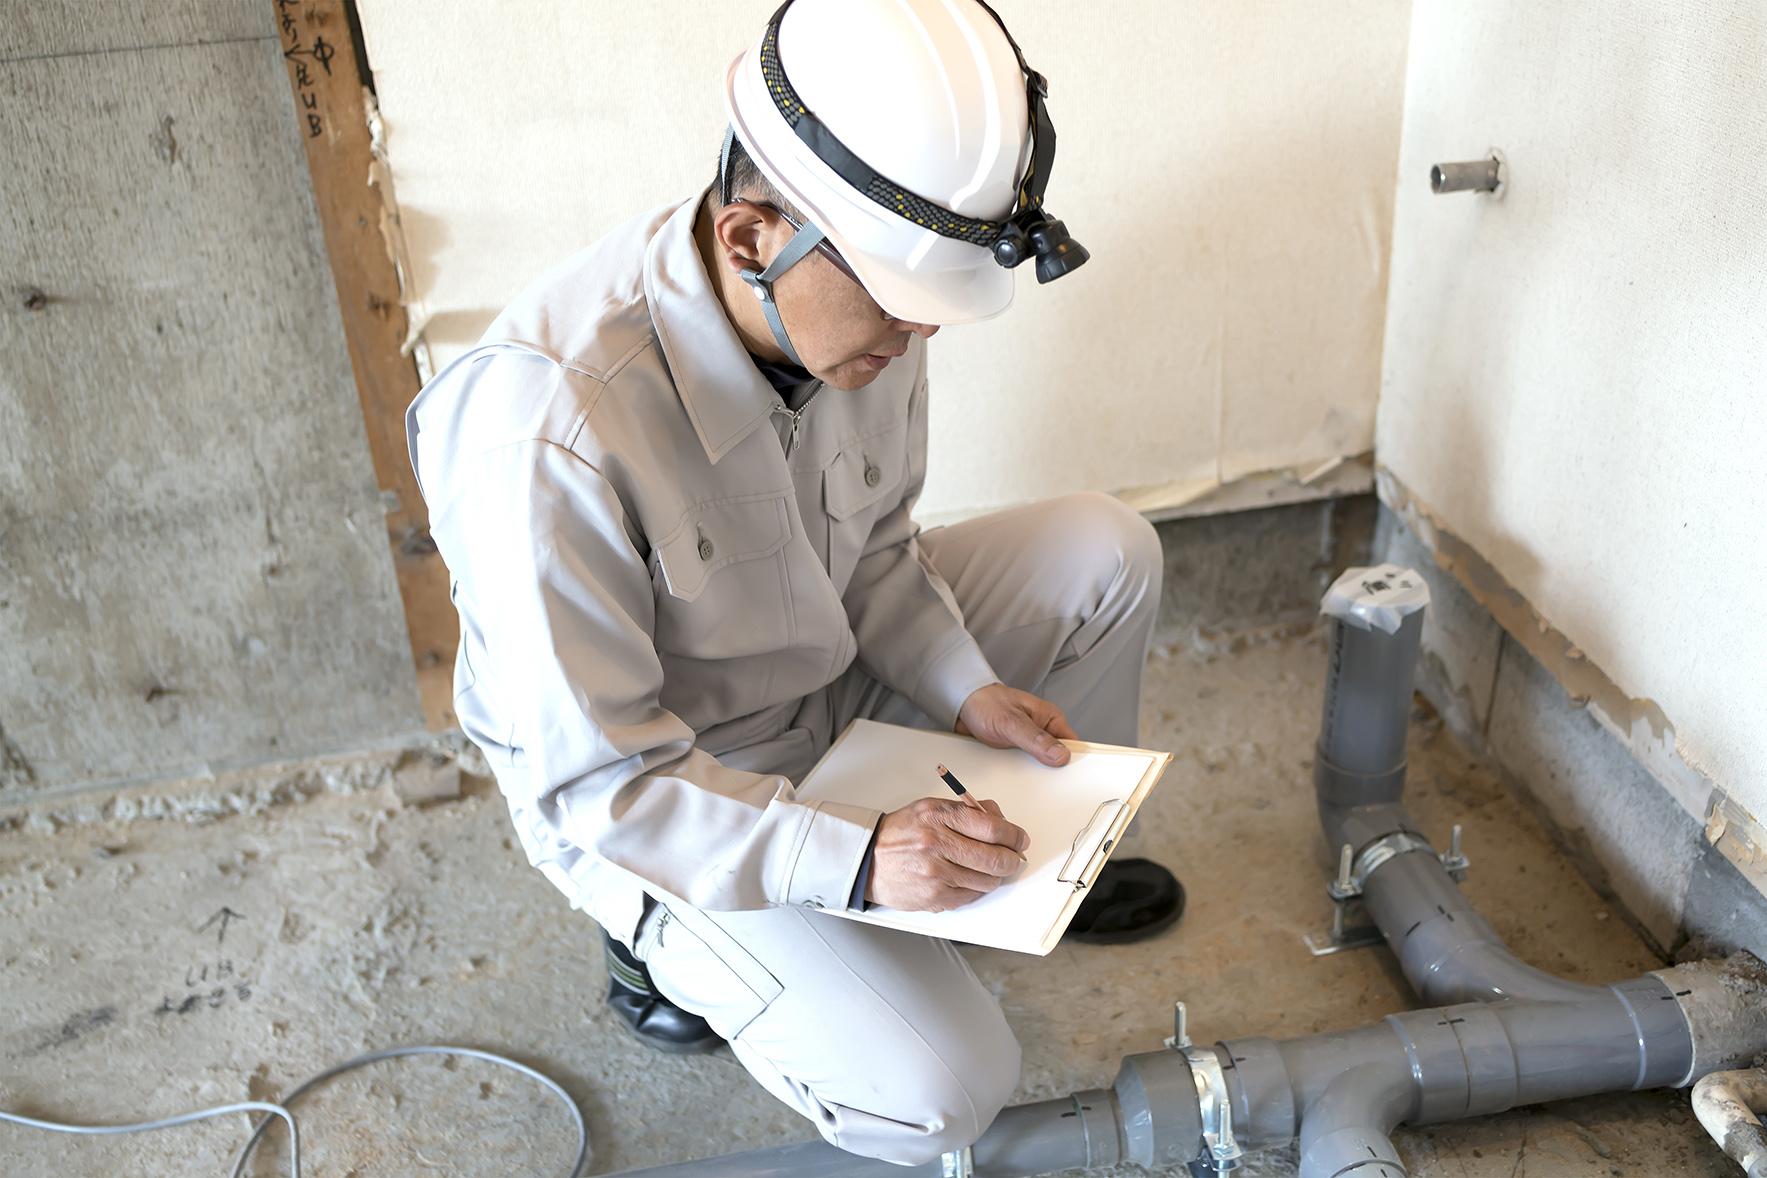 給水装置工事に関する基準・要綱・様式など